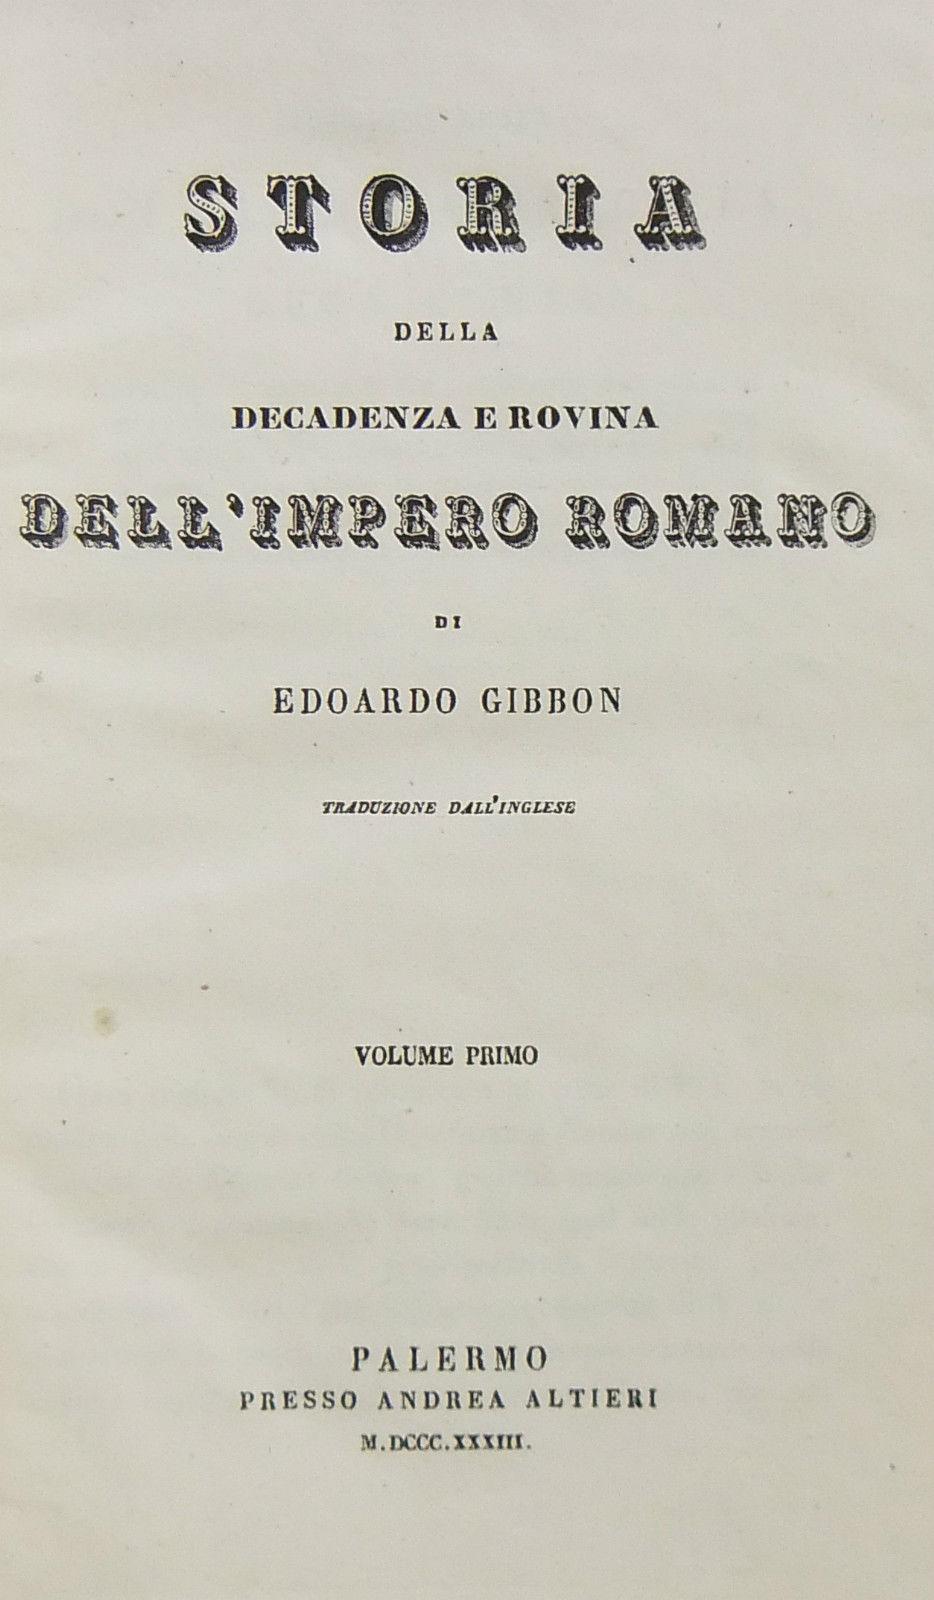 Storia della decadenza e rovina dell'Impero romano di Edward Gibbon  (History of the Decline and Fall of the Roman Empire) – Edizione palermitana  (1833 – 1835)